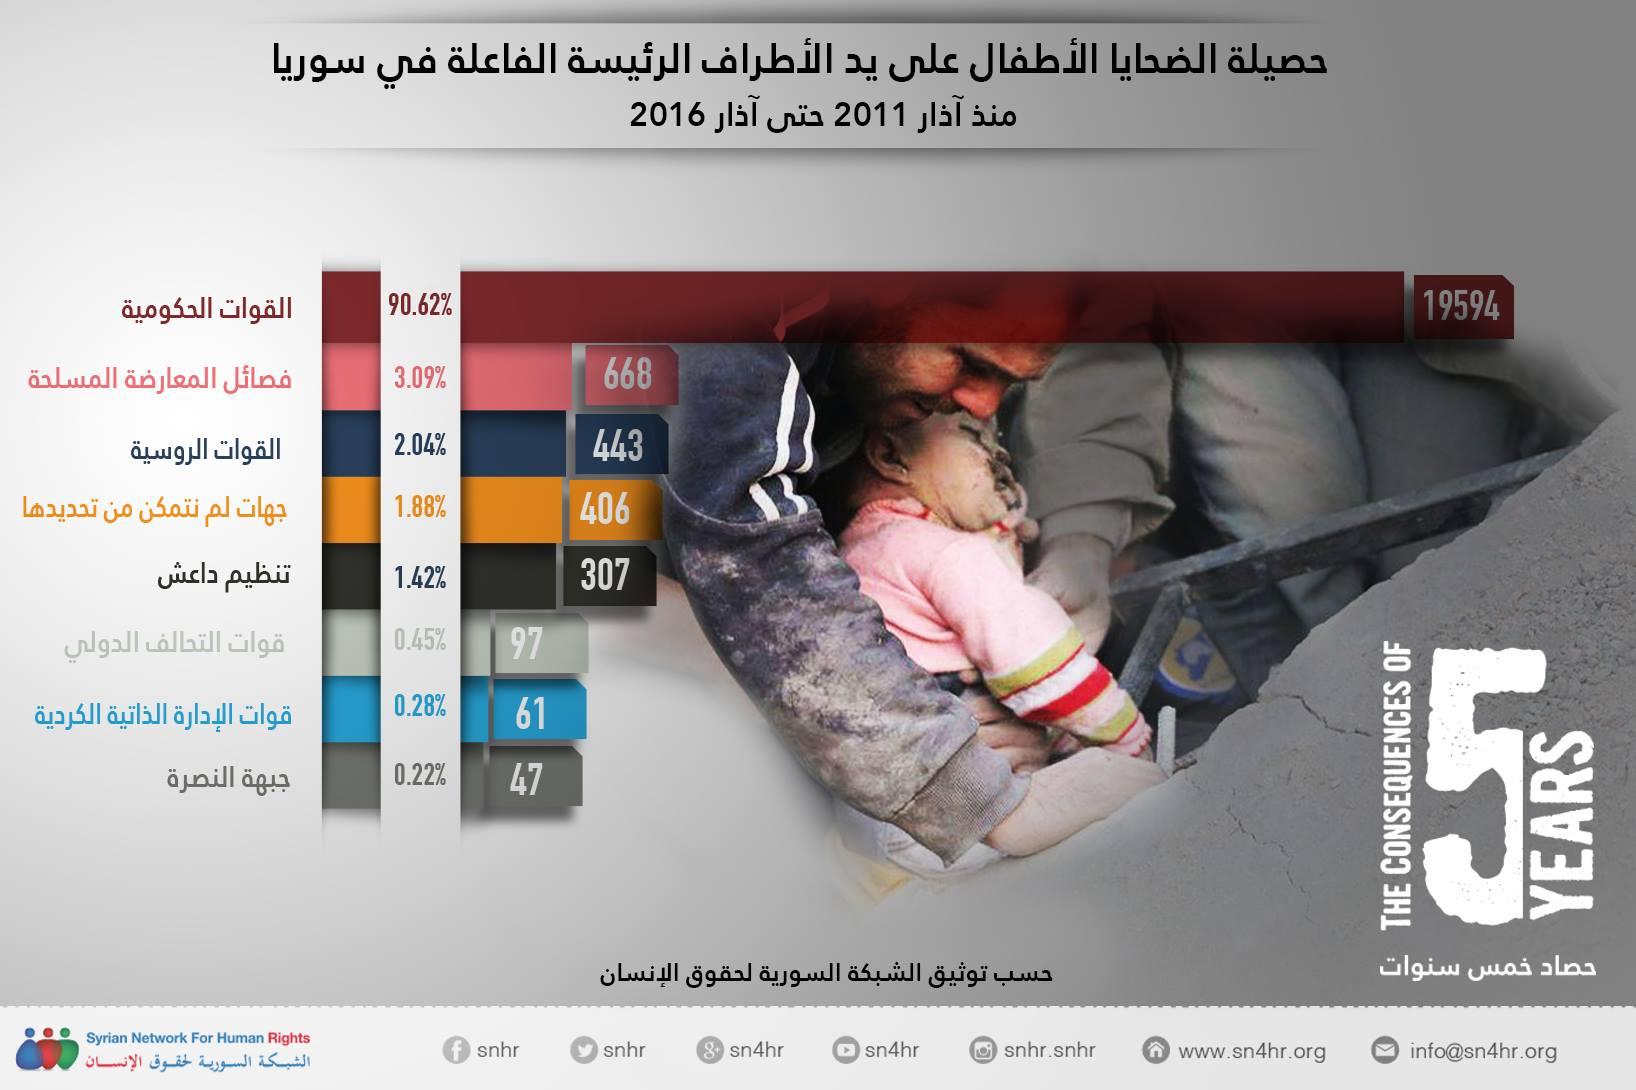 حصيلة الضحايا الأطفال في سوريا